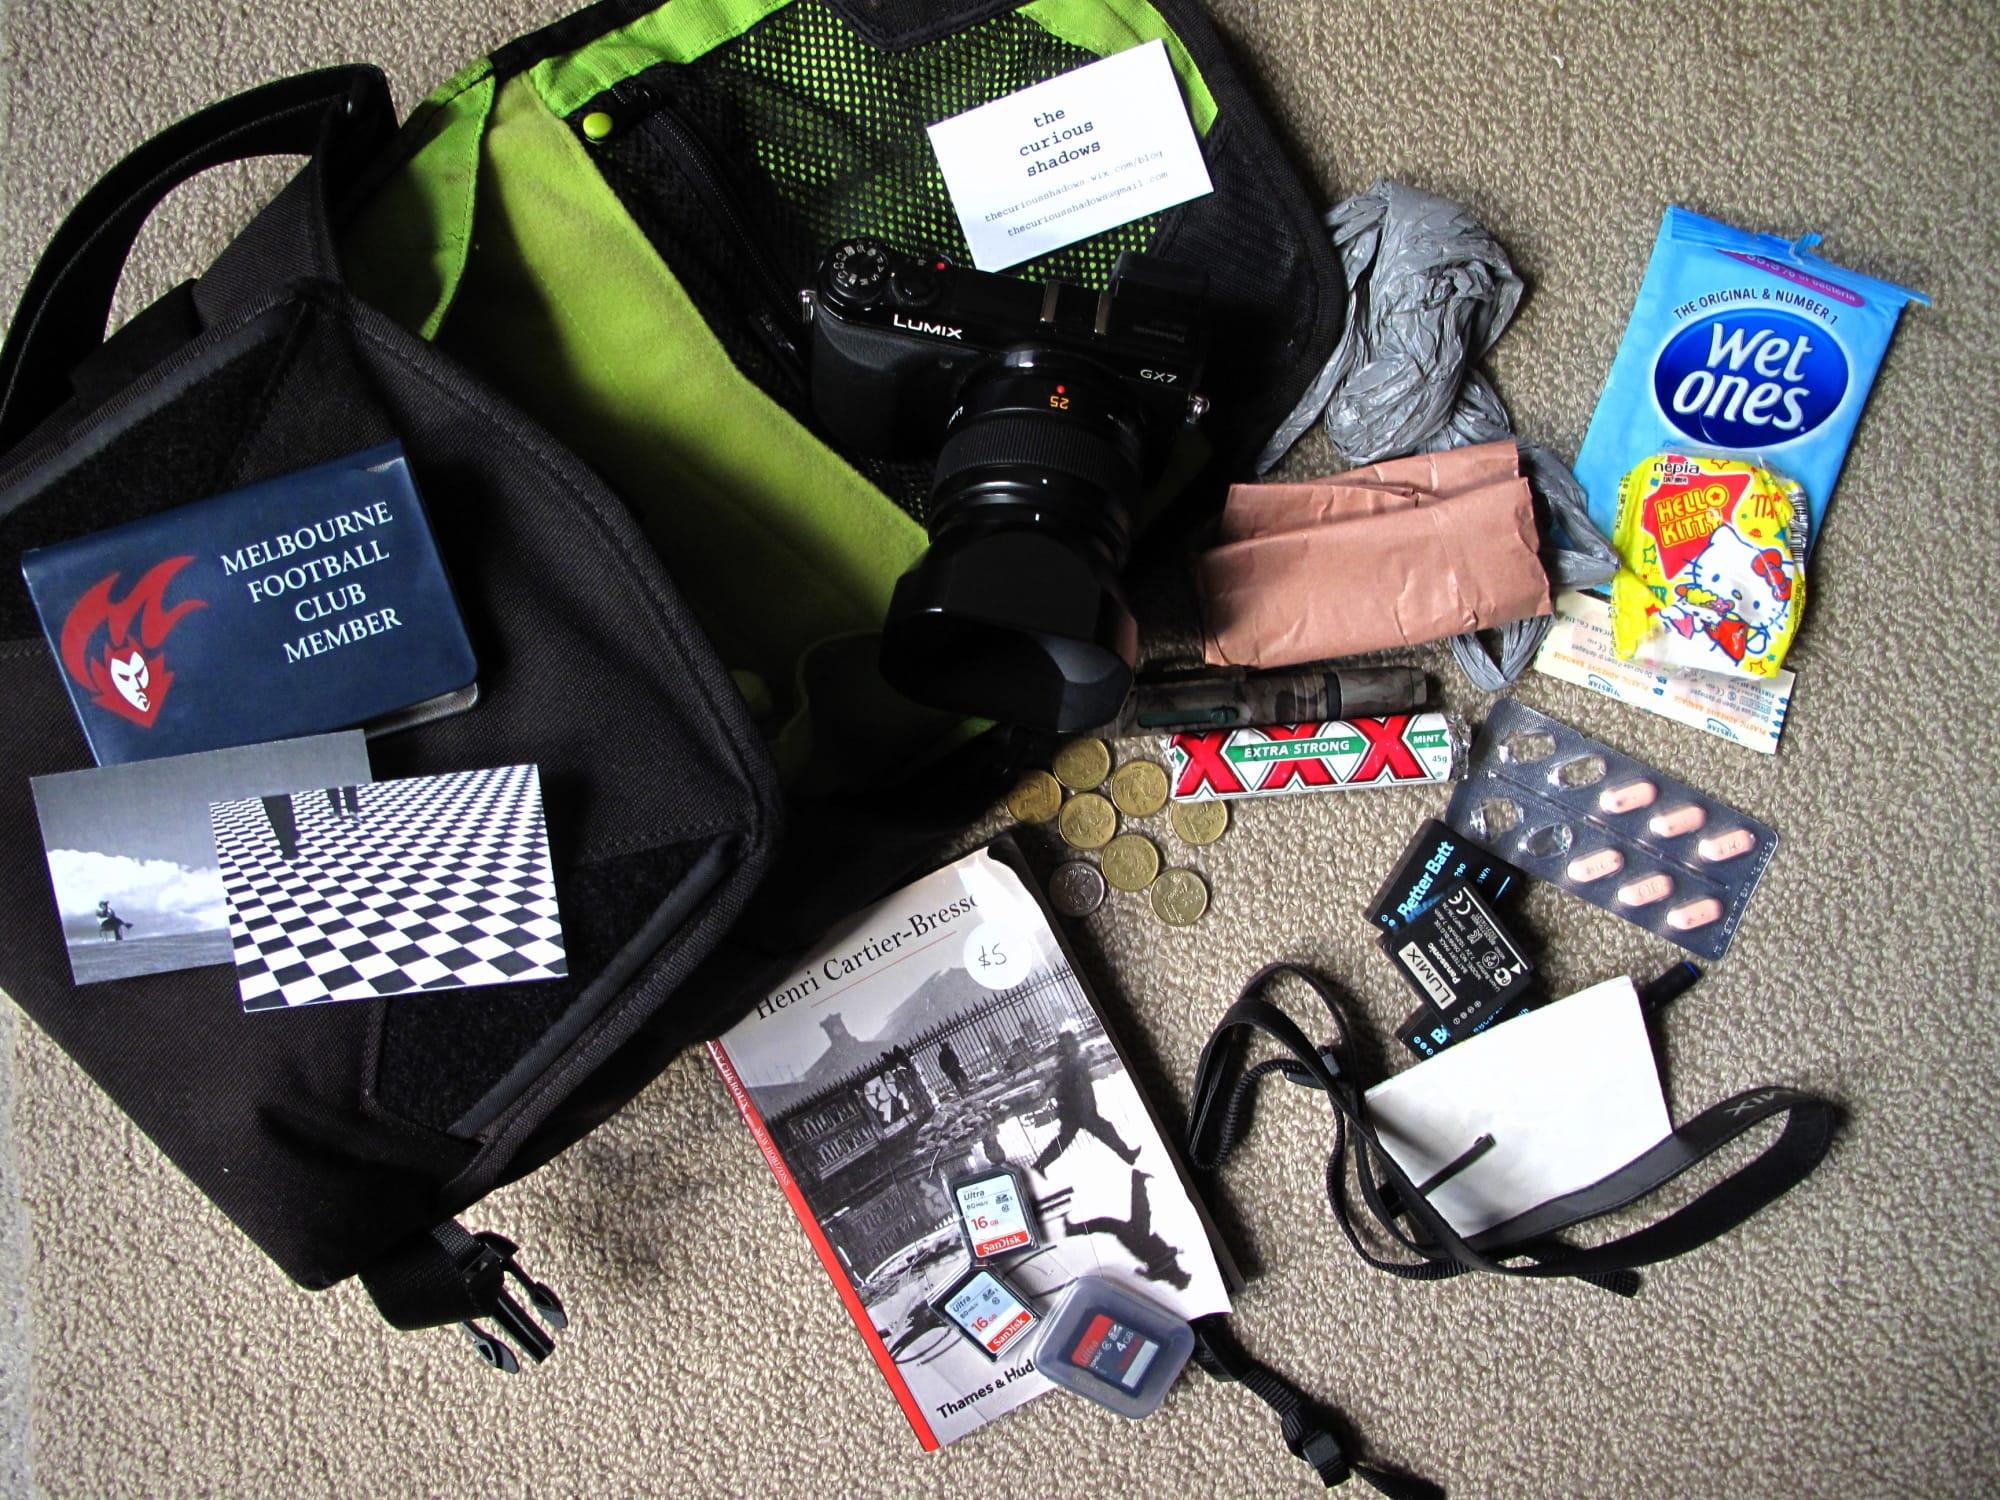 Inside The Curious Shadows' Camera Bag